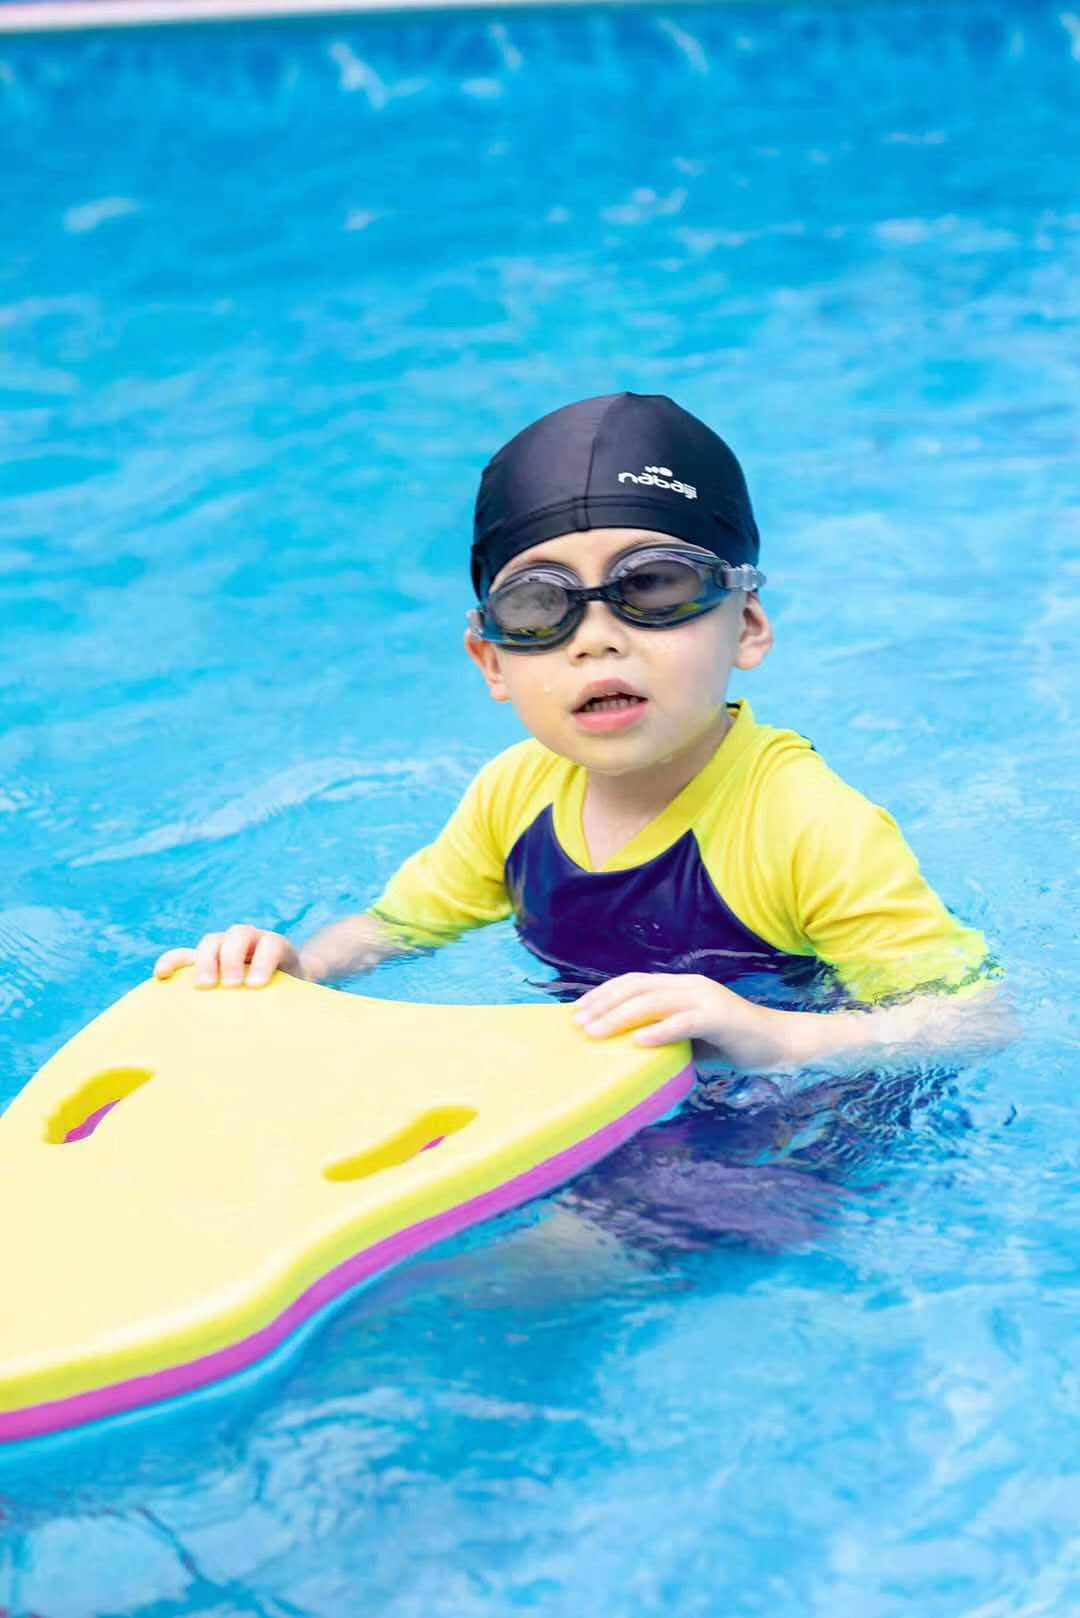 婴儿游泳的常见误区